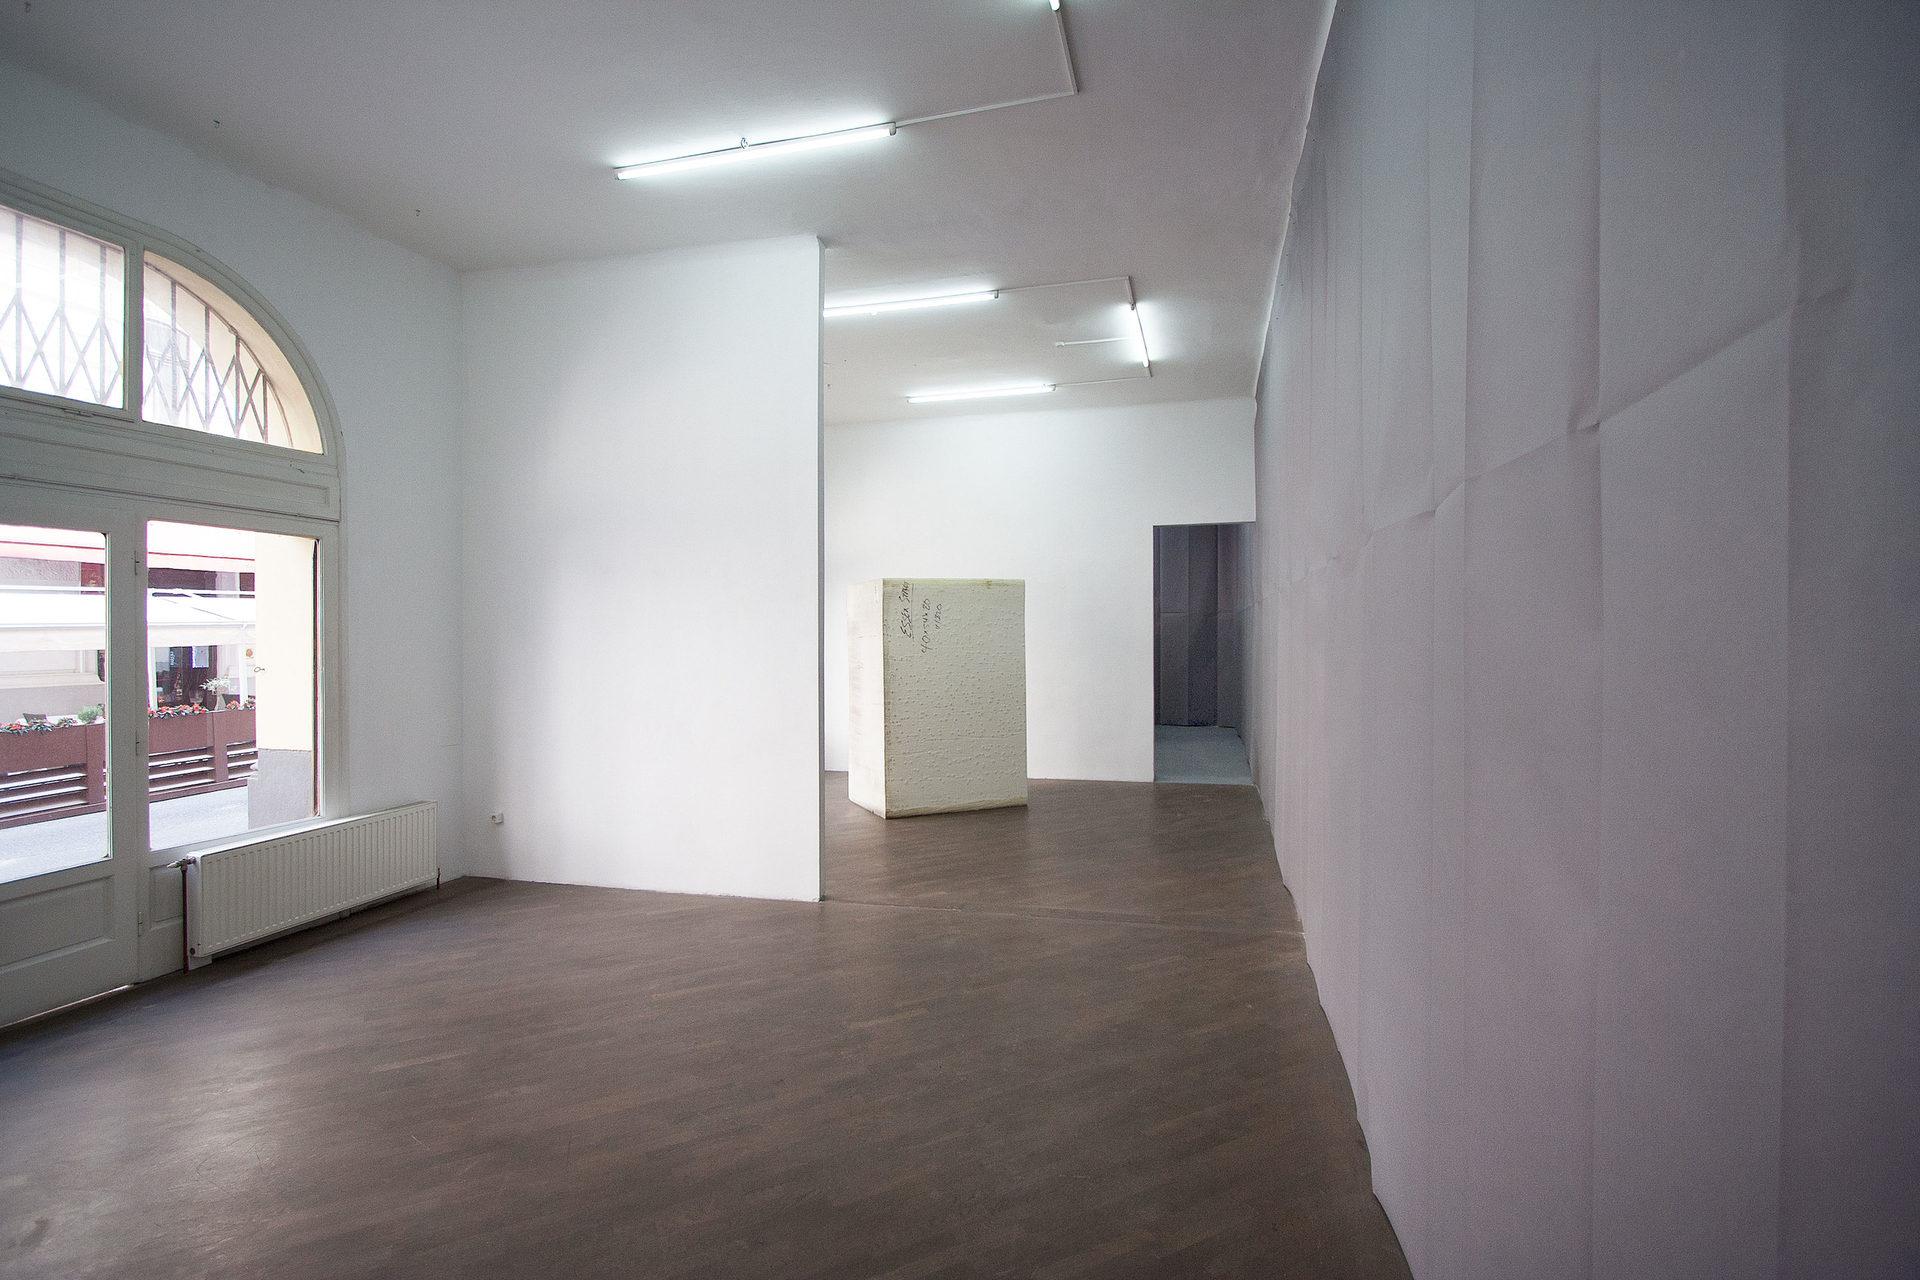 #3-Gerber_McArthur_Nutt_-final-installation-view